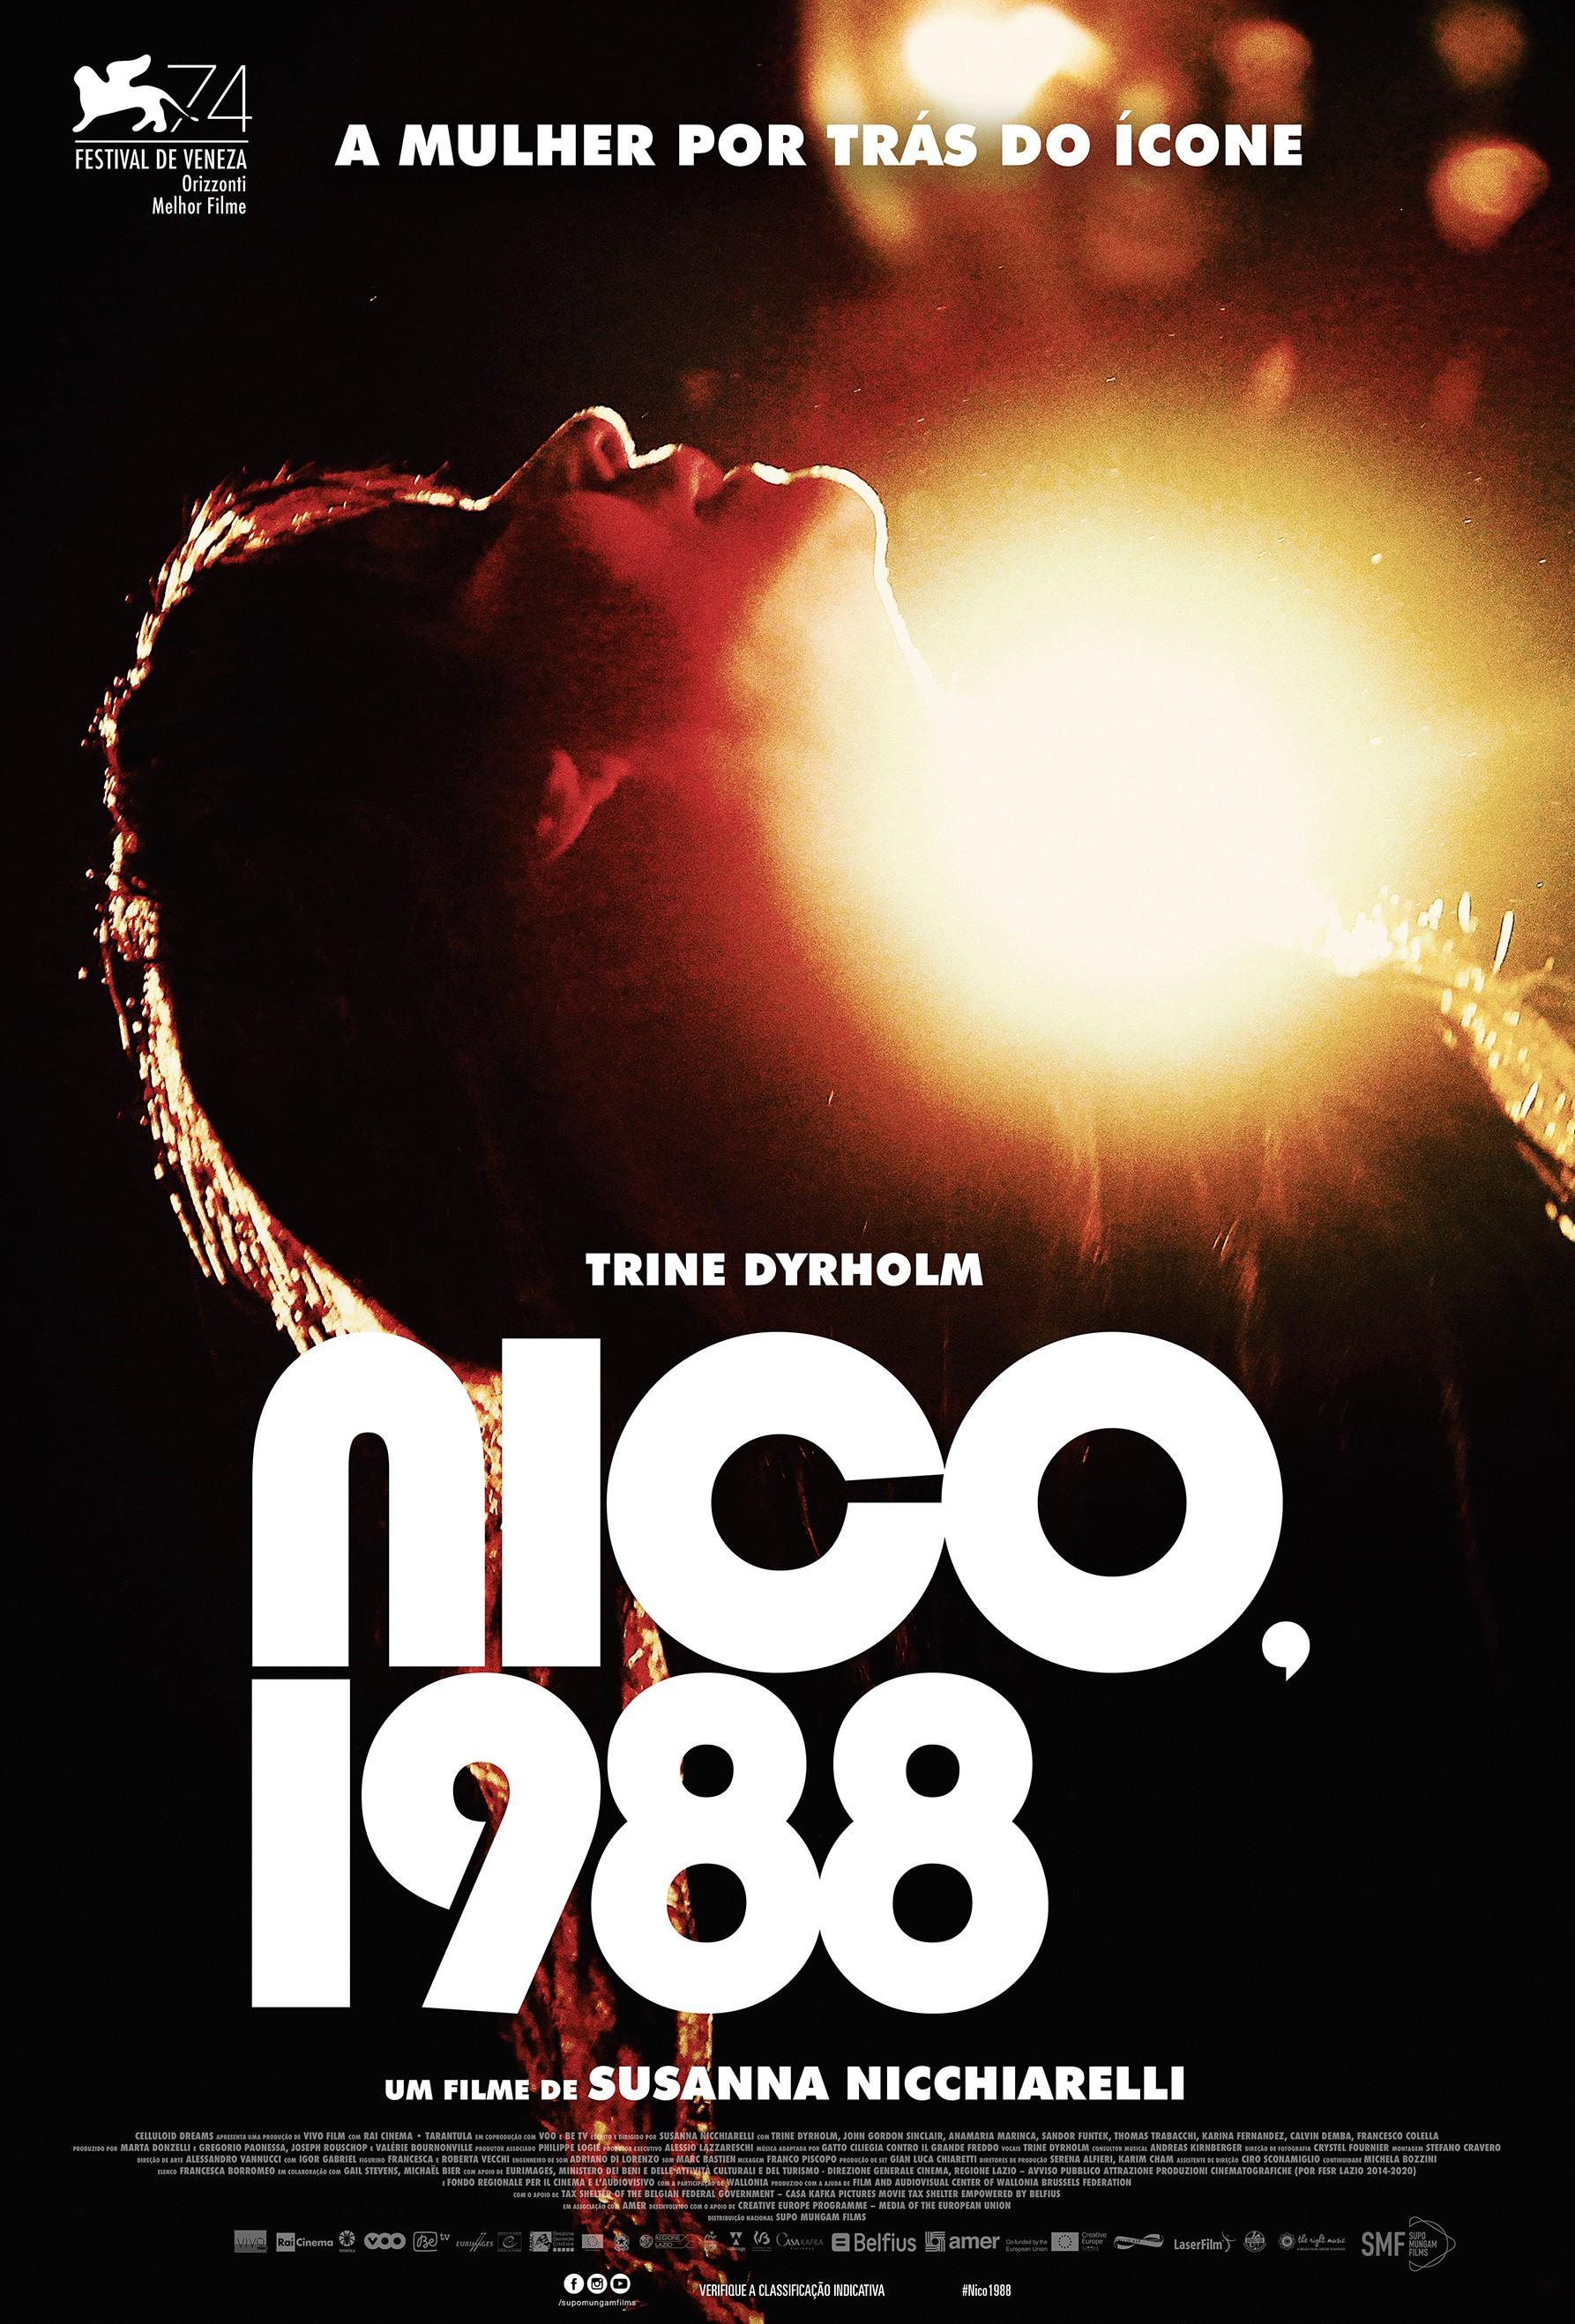 Pôster do filme Nico, 1988, de Susanna Nicchiareli (Foto: Divulgação)